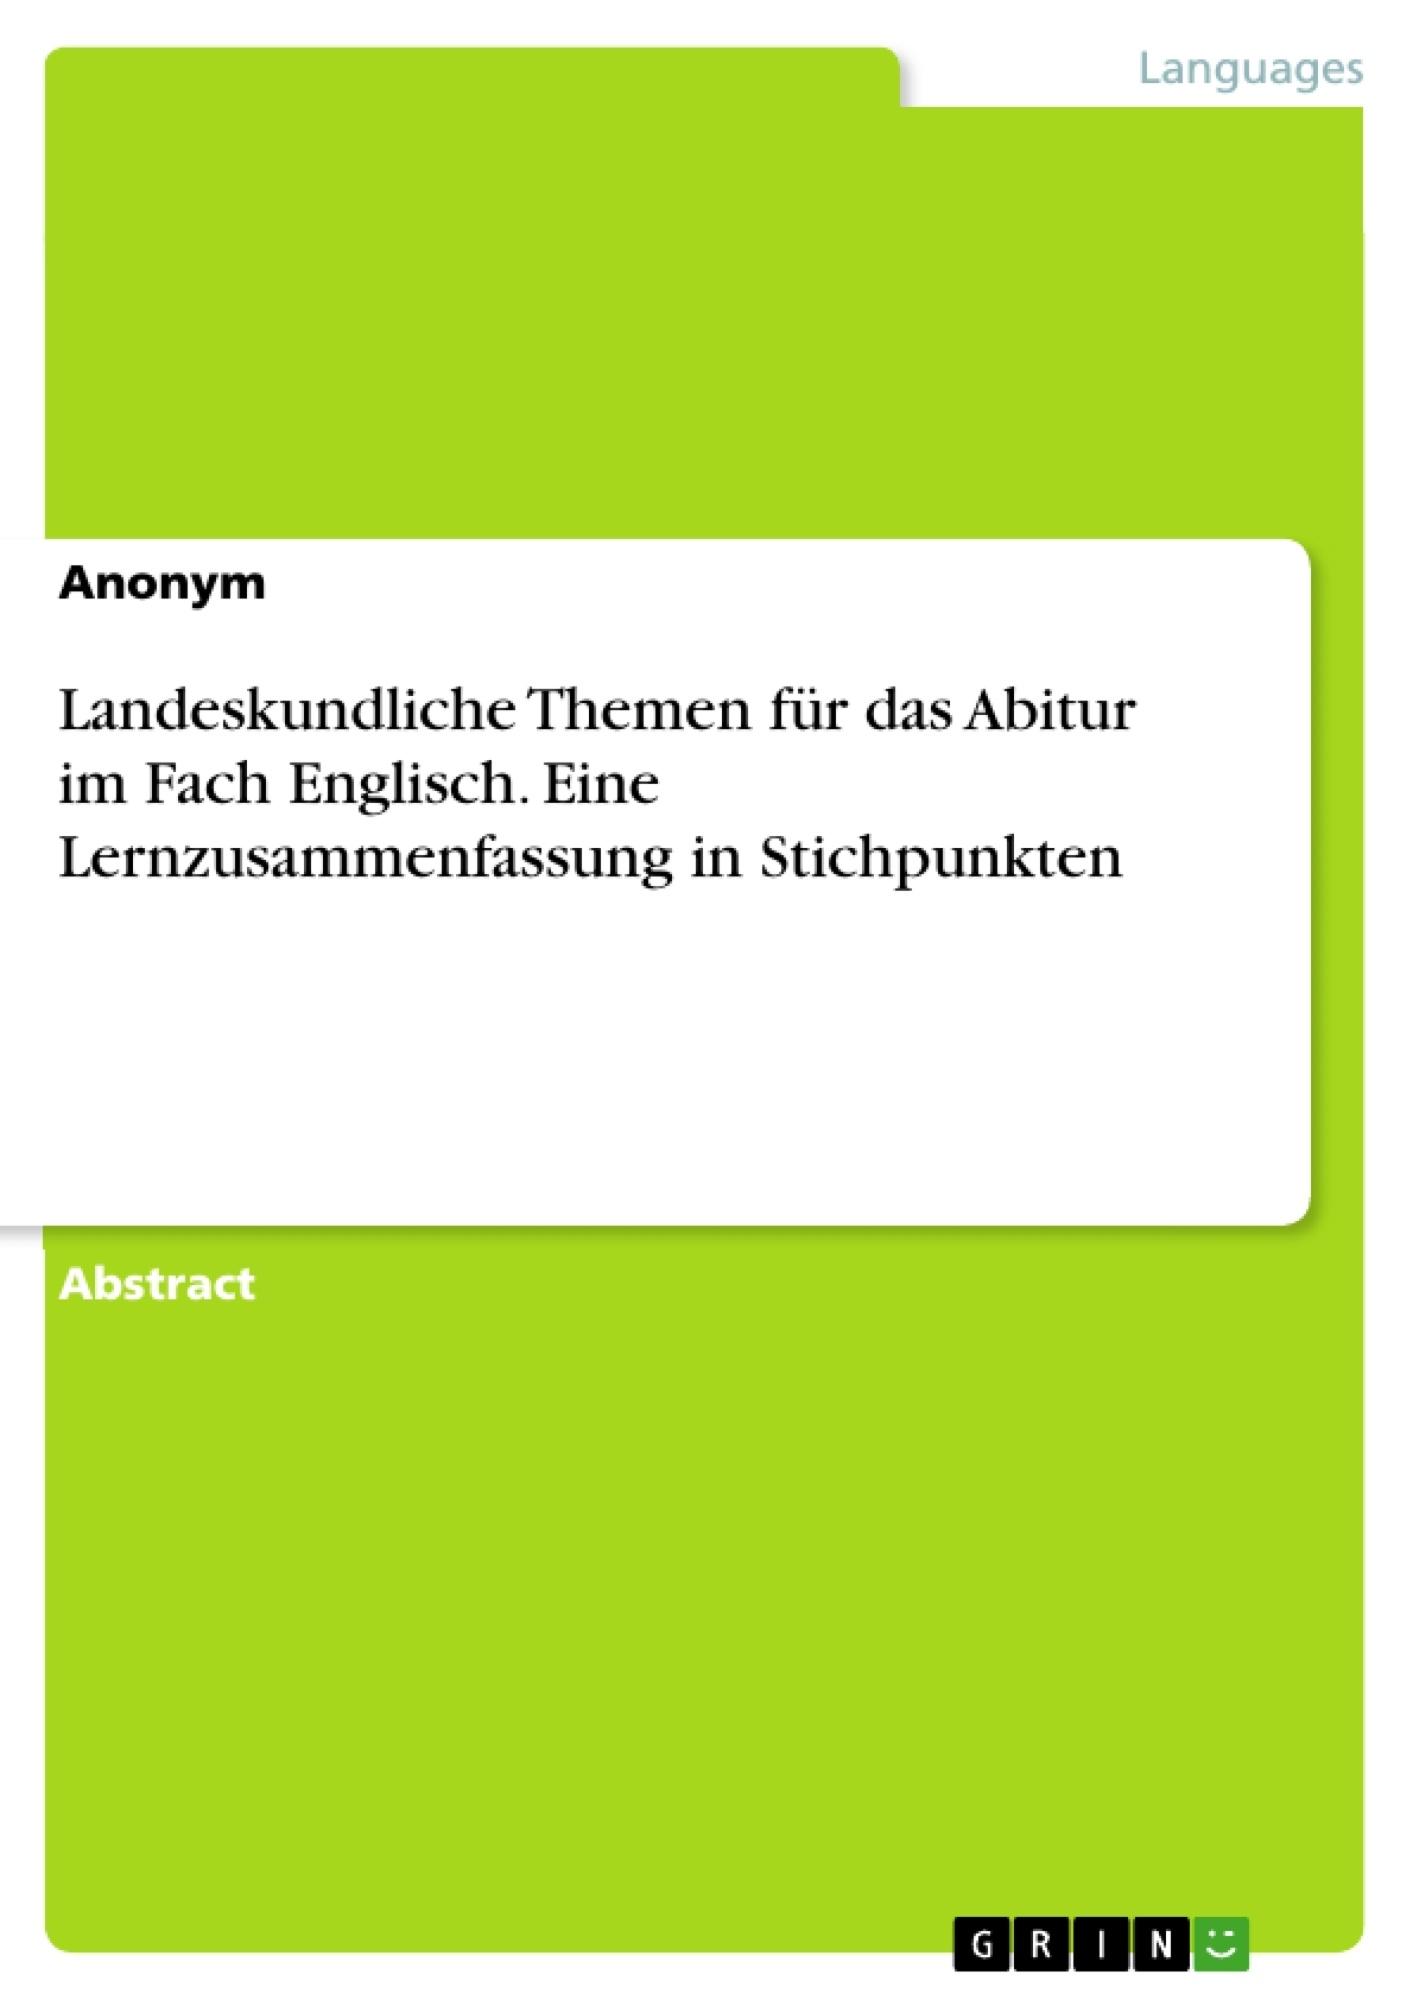 Title: Landeskundliche Themen für das Abitur im Fach Englisch. Eine Lernzusammenfassung in Stichpunkten